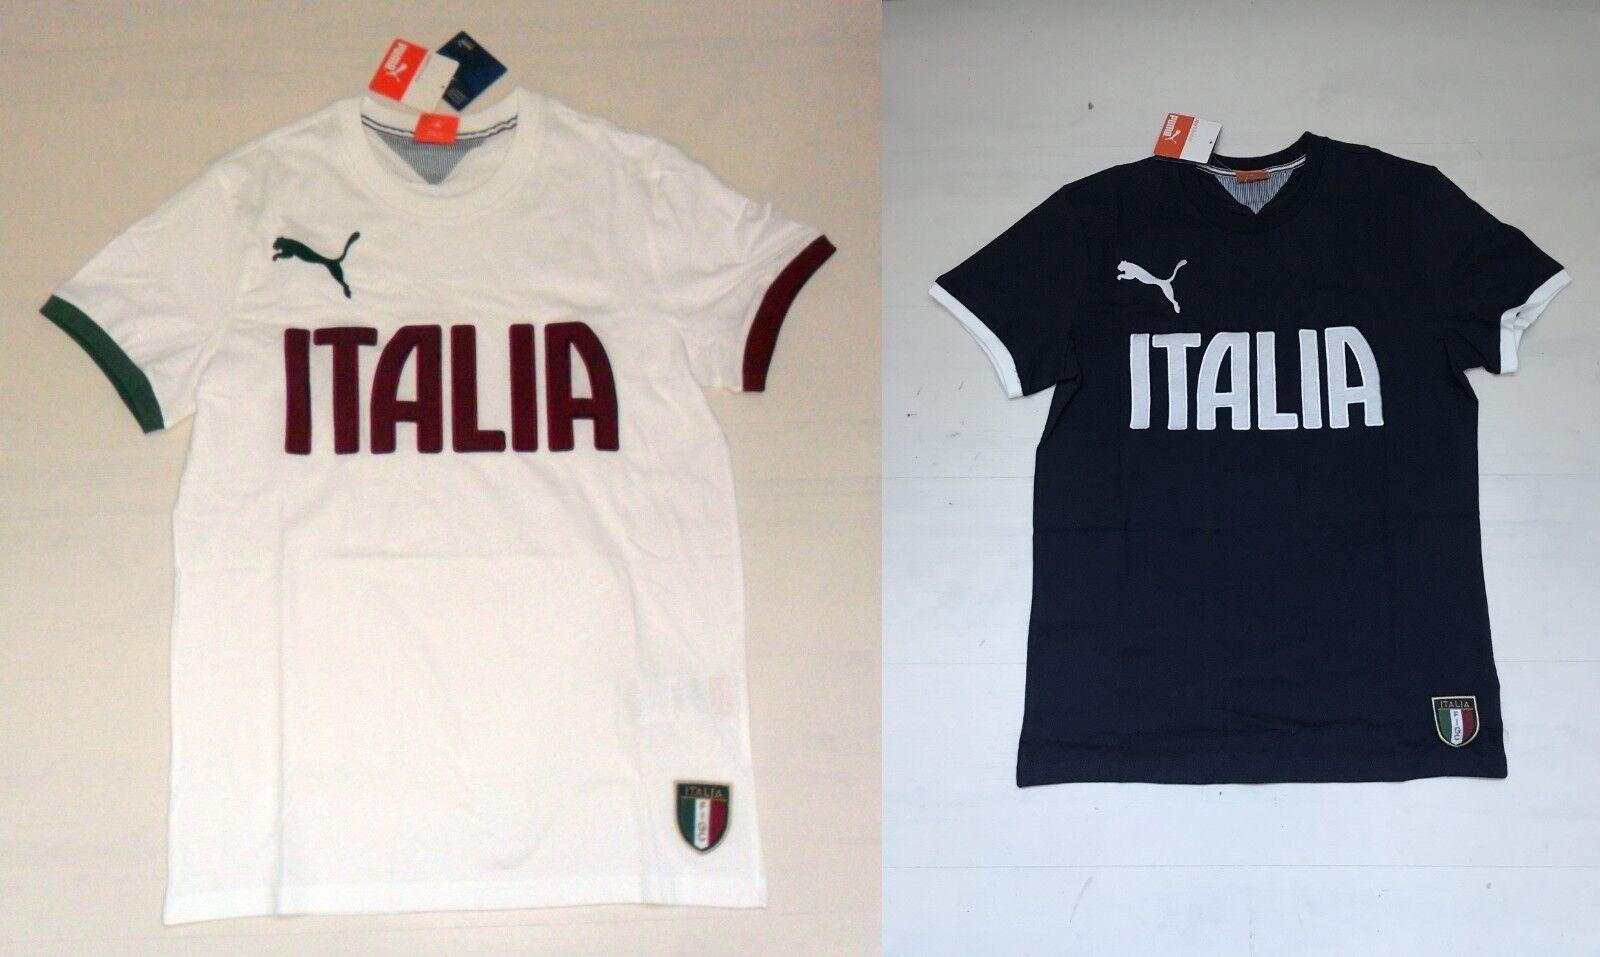 3513 PUMA ITALIE T-SHIRT GRAPHIQUE GRAPHIQUE GRAPHIQUE TEE TRICOT HAUT WCUP '14 COTON 745177 a28f40